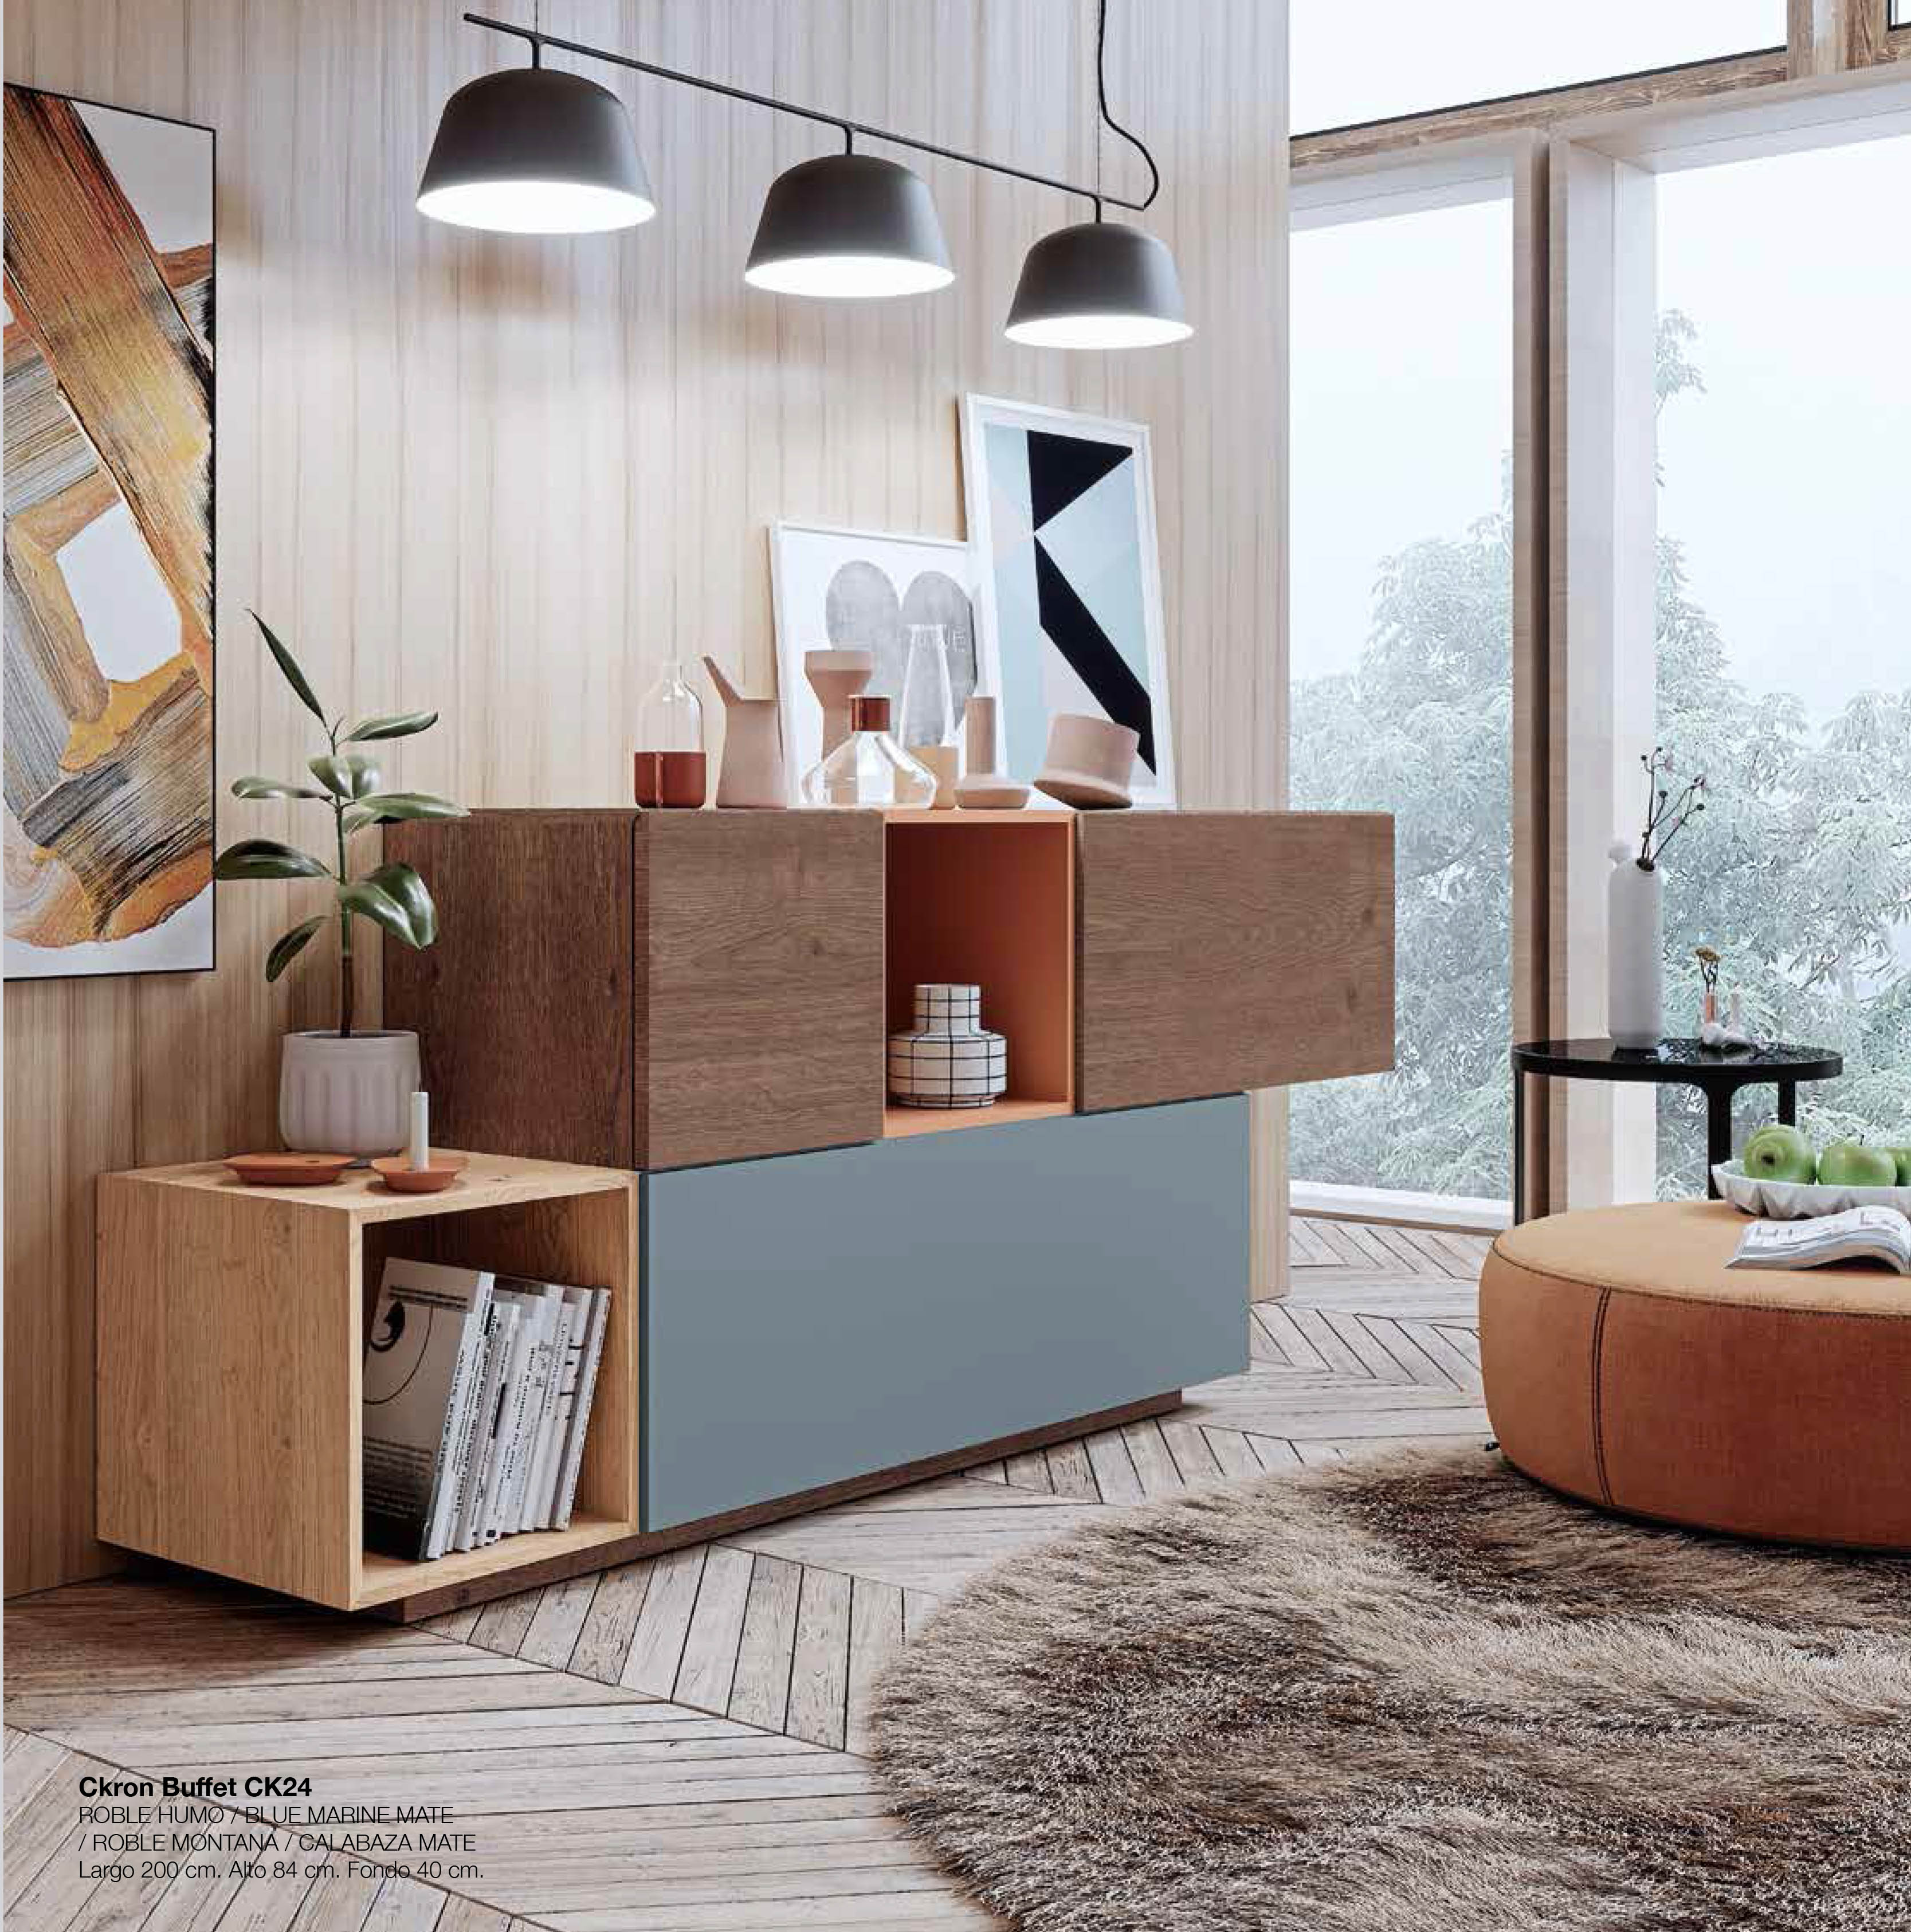 Mueble estante para comedor   Colección CKRON